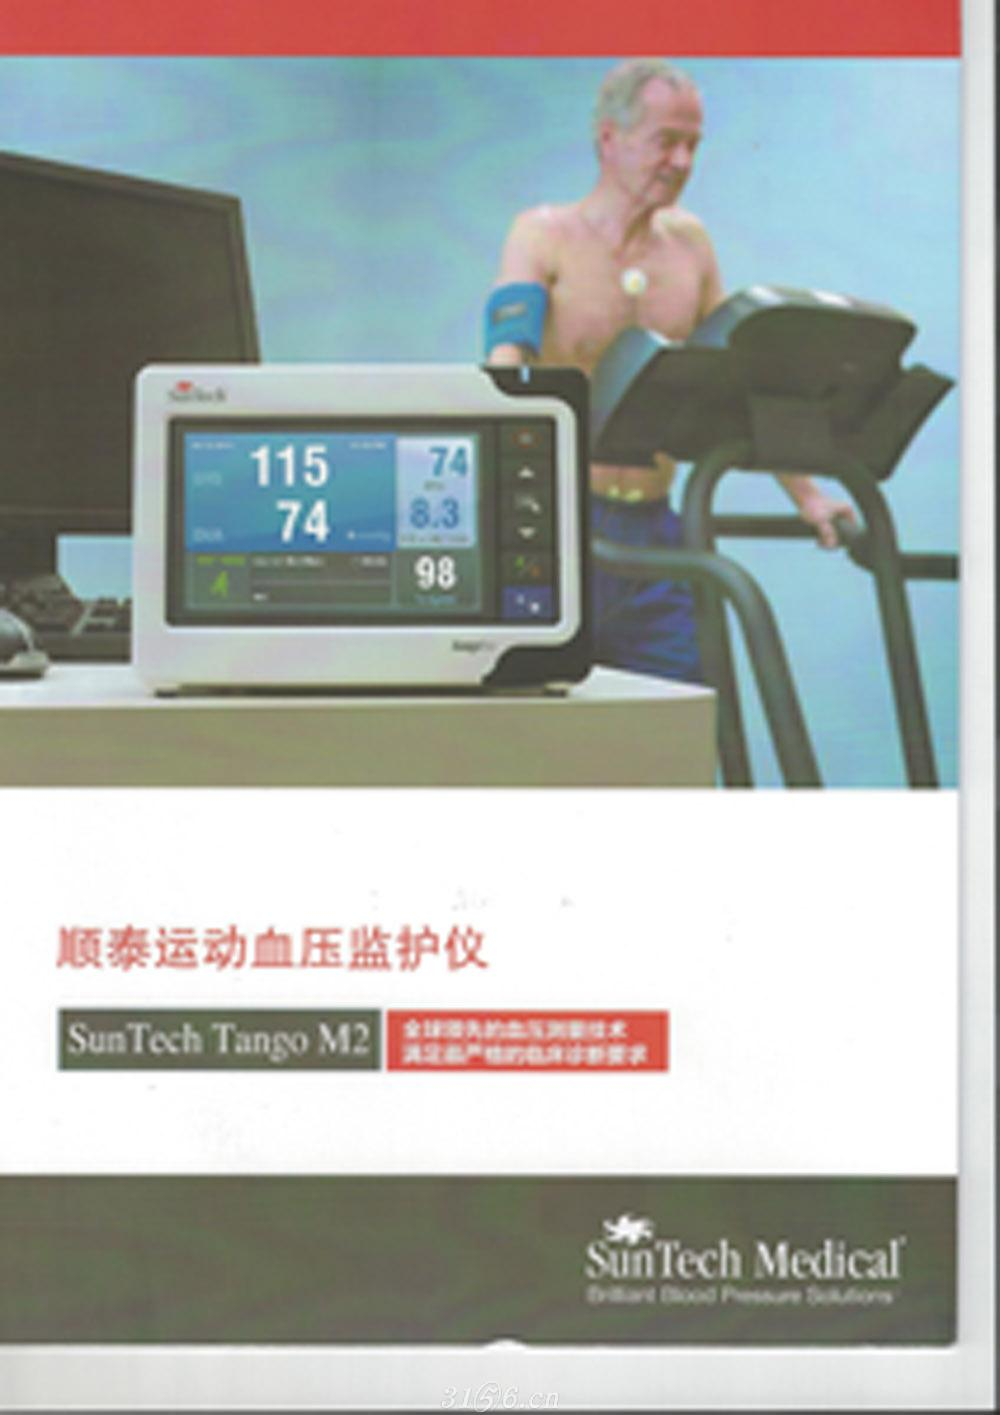 顺泰运动血压监护仪